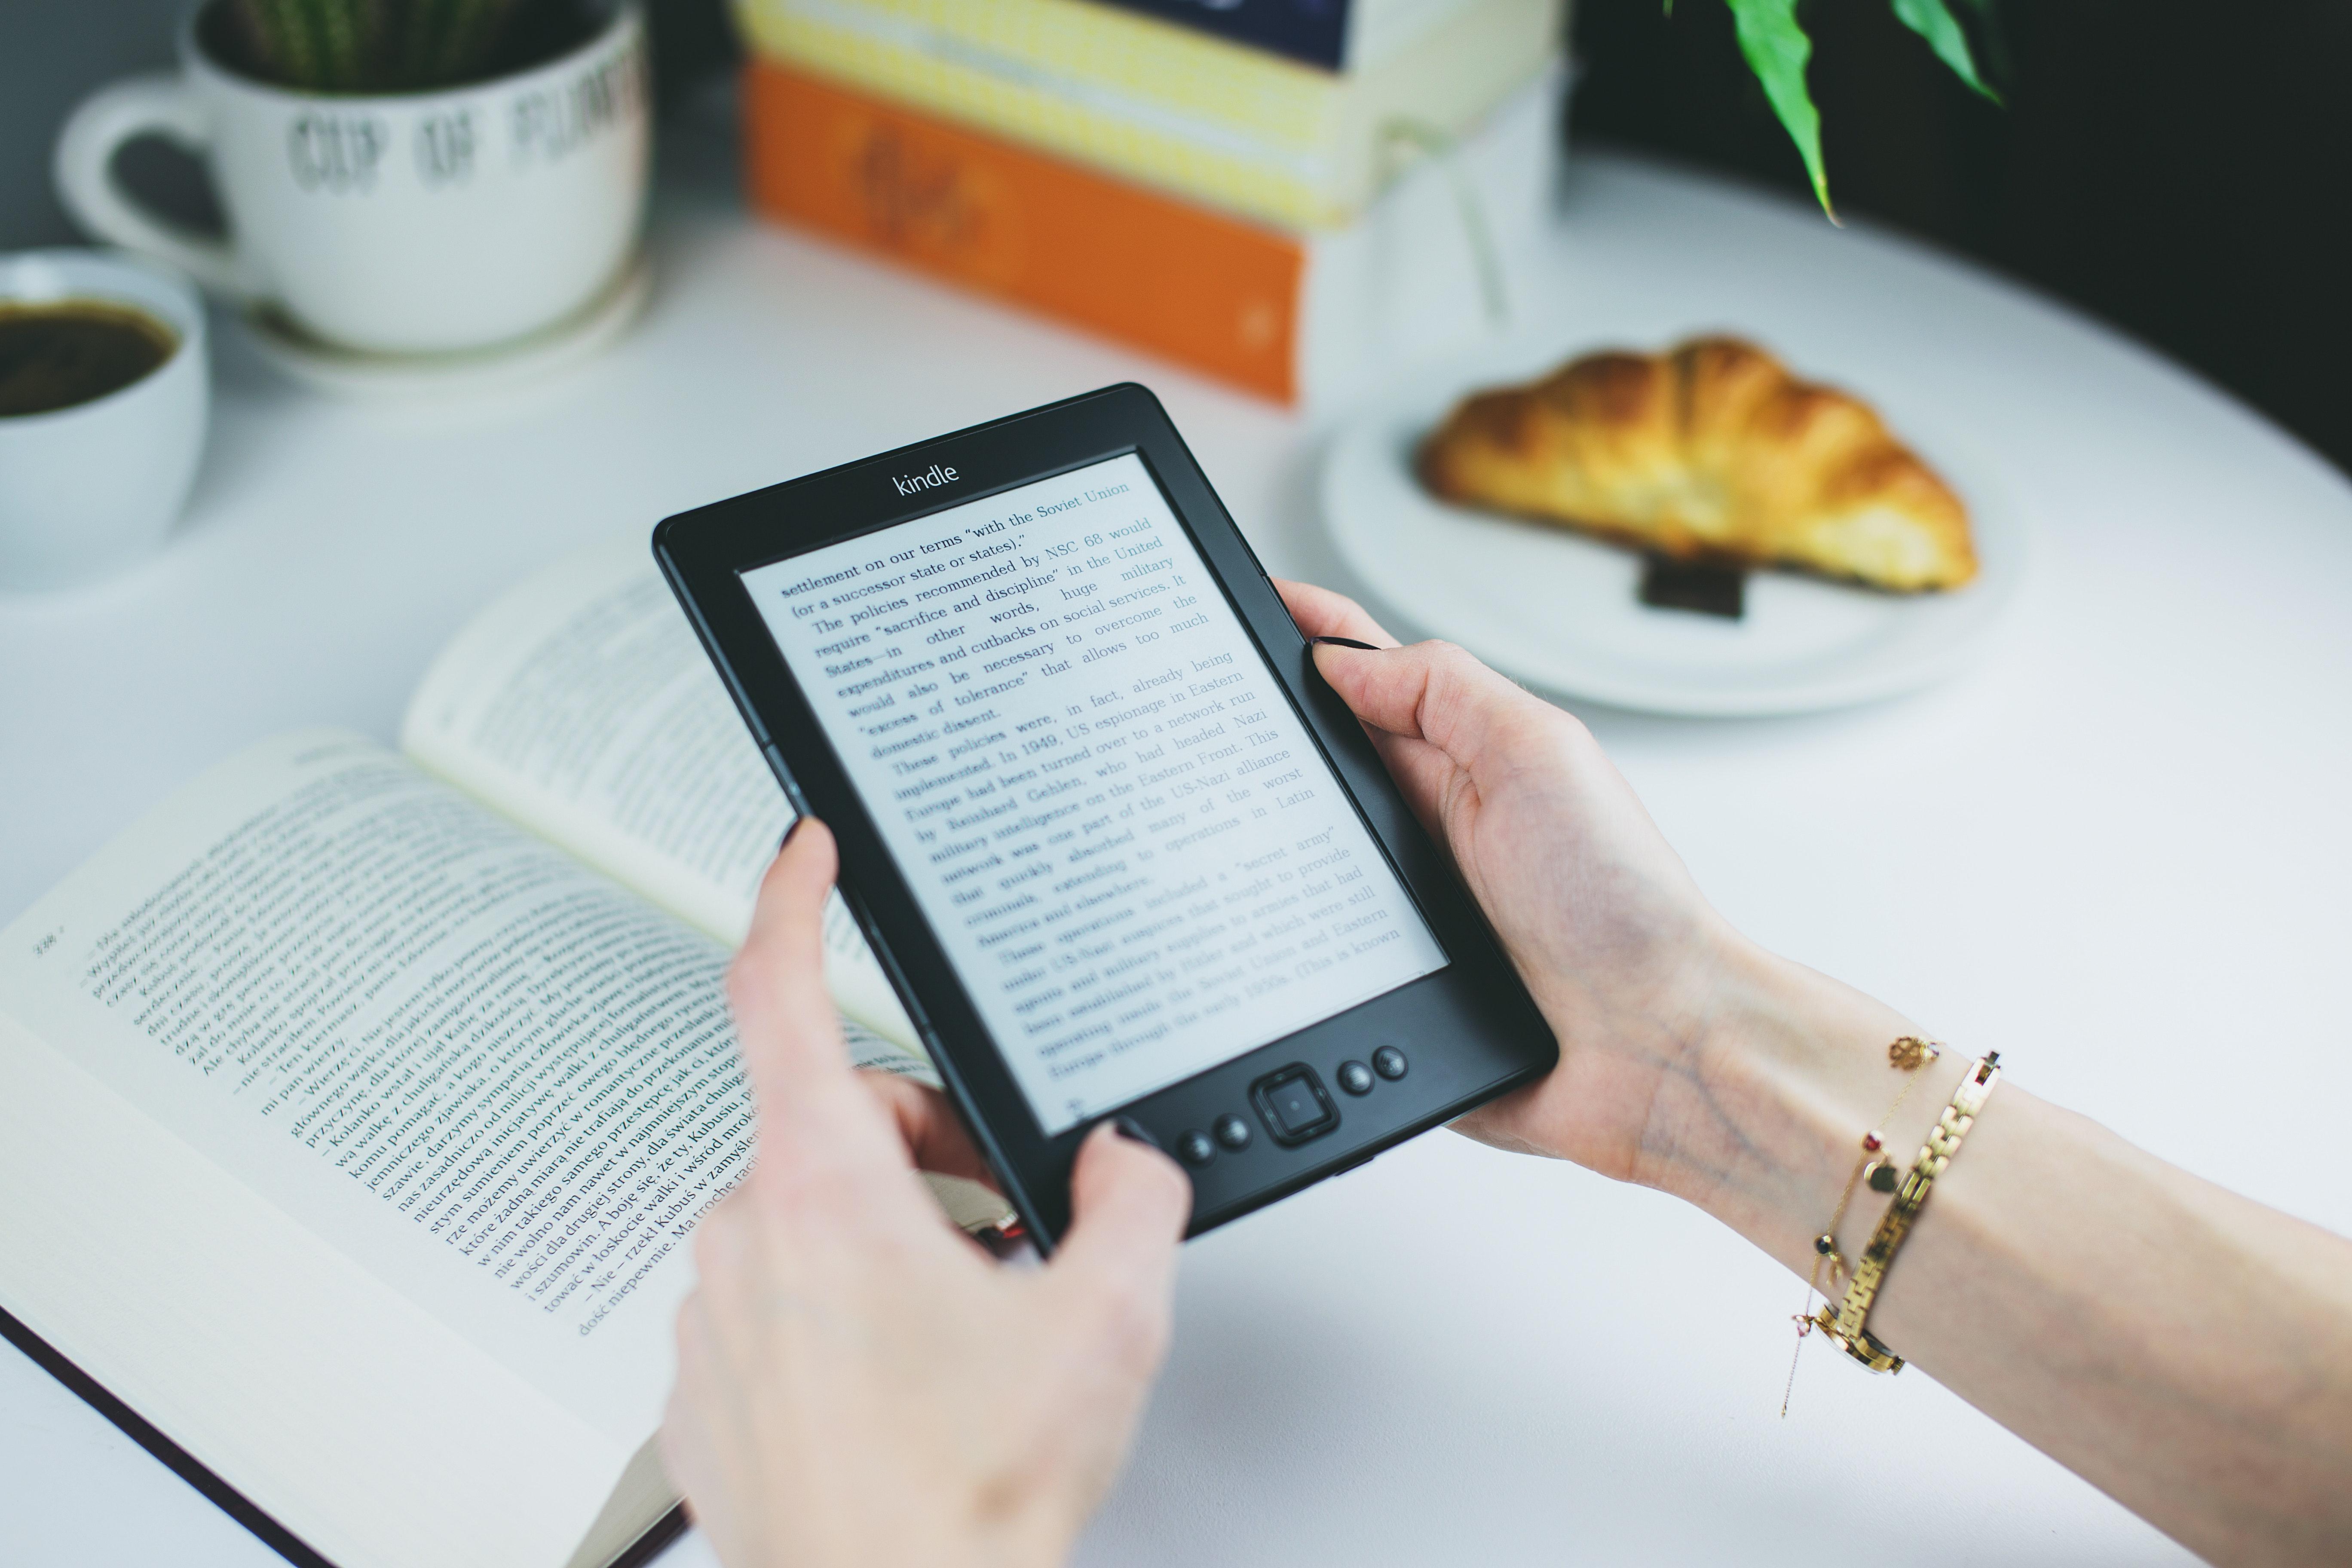 talbet for reading books